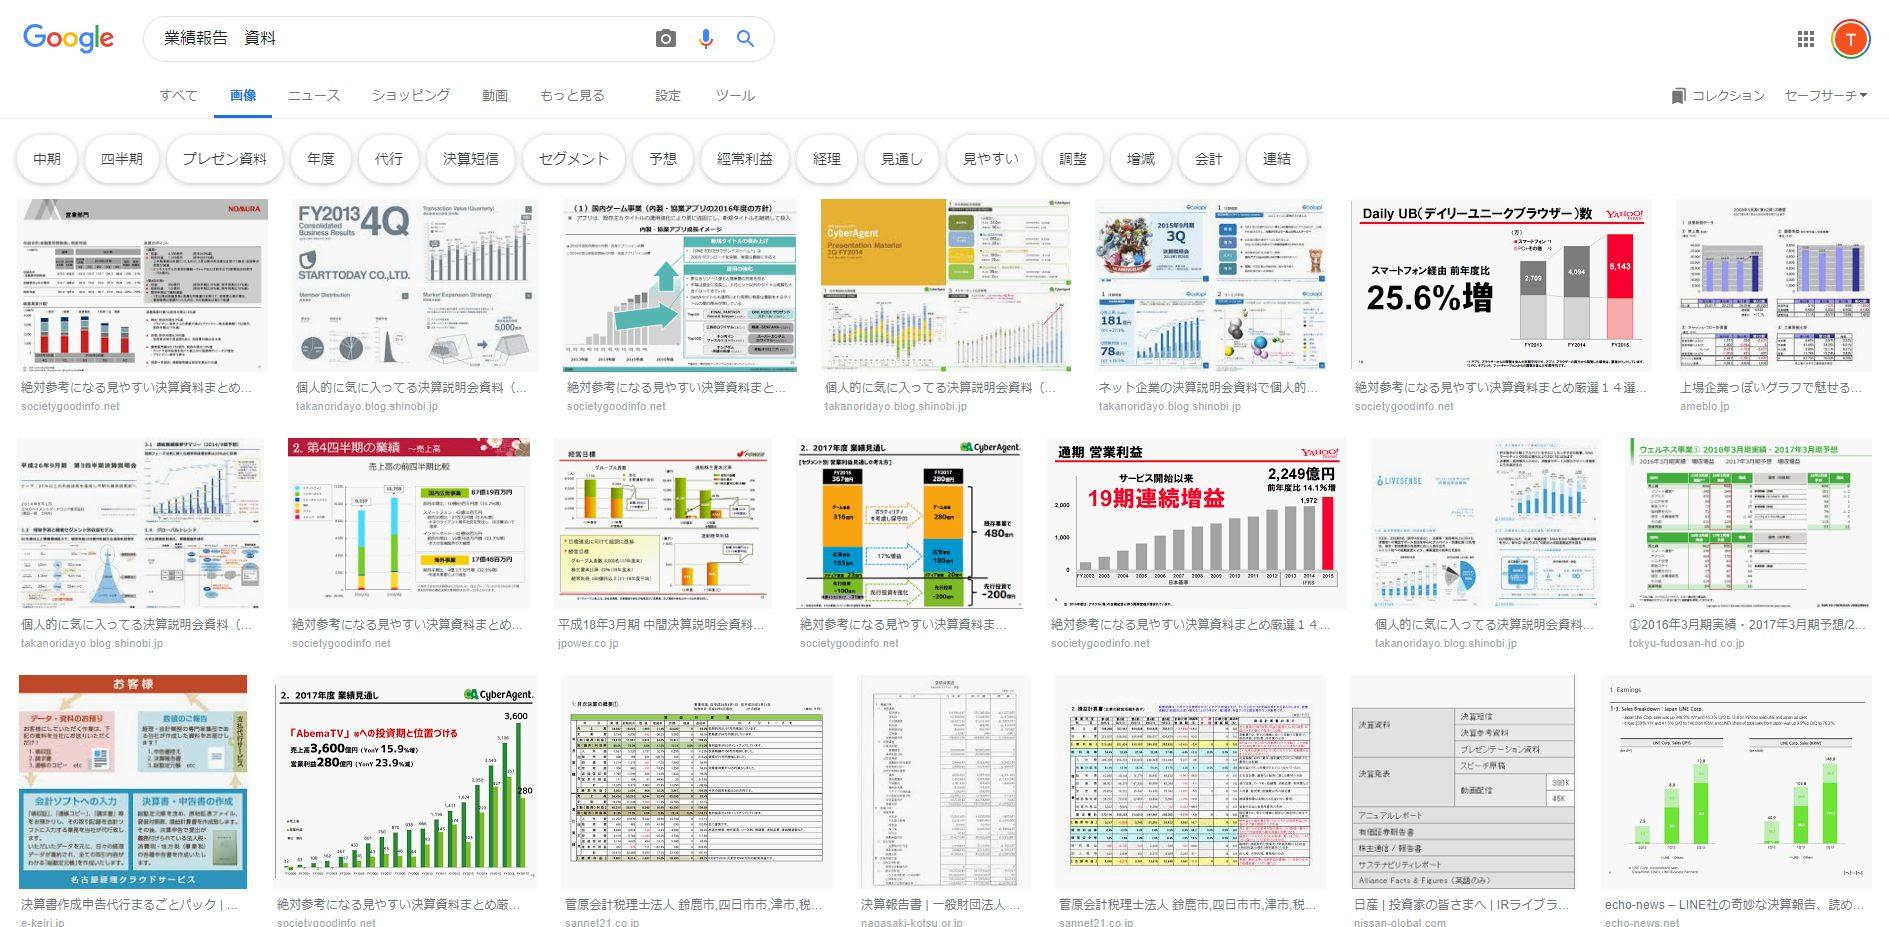 業績報告、資料の検索結果